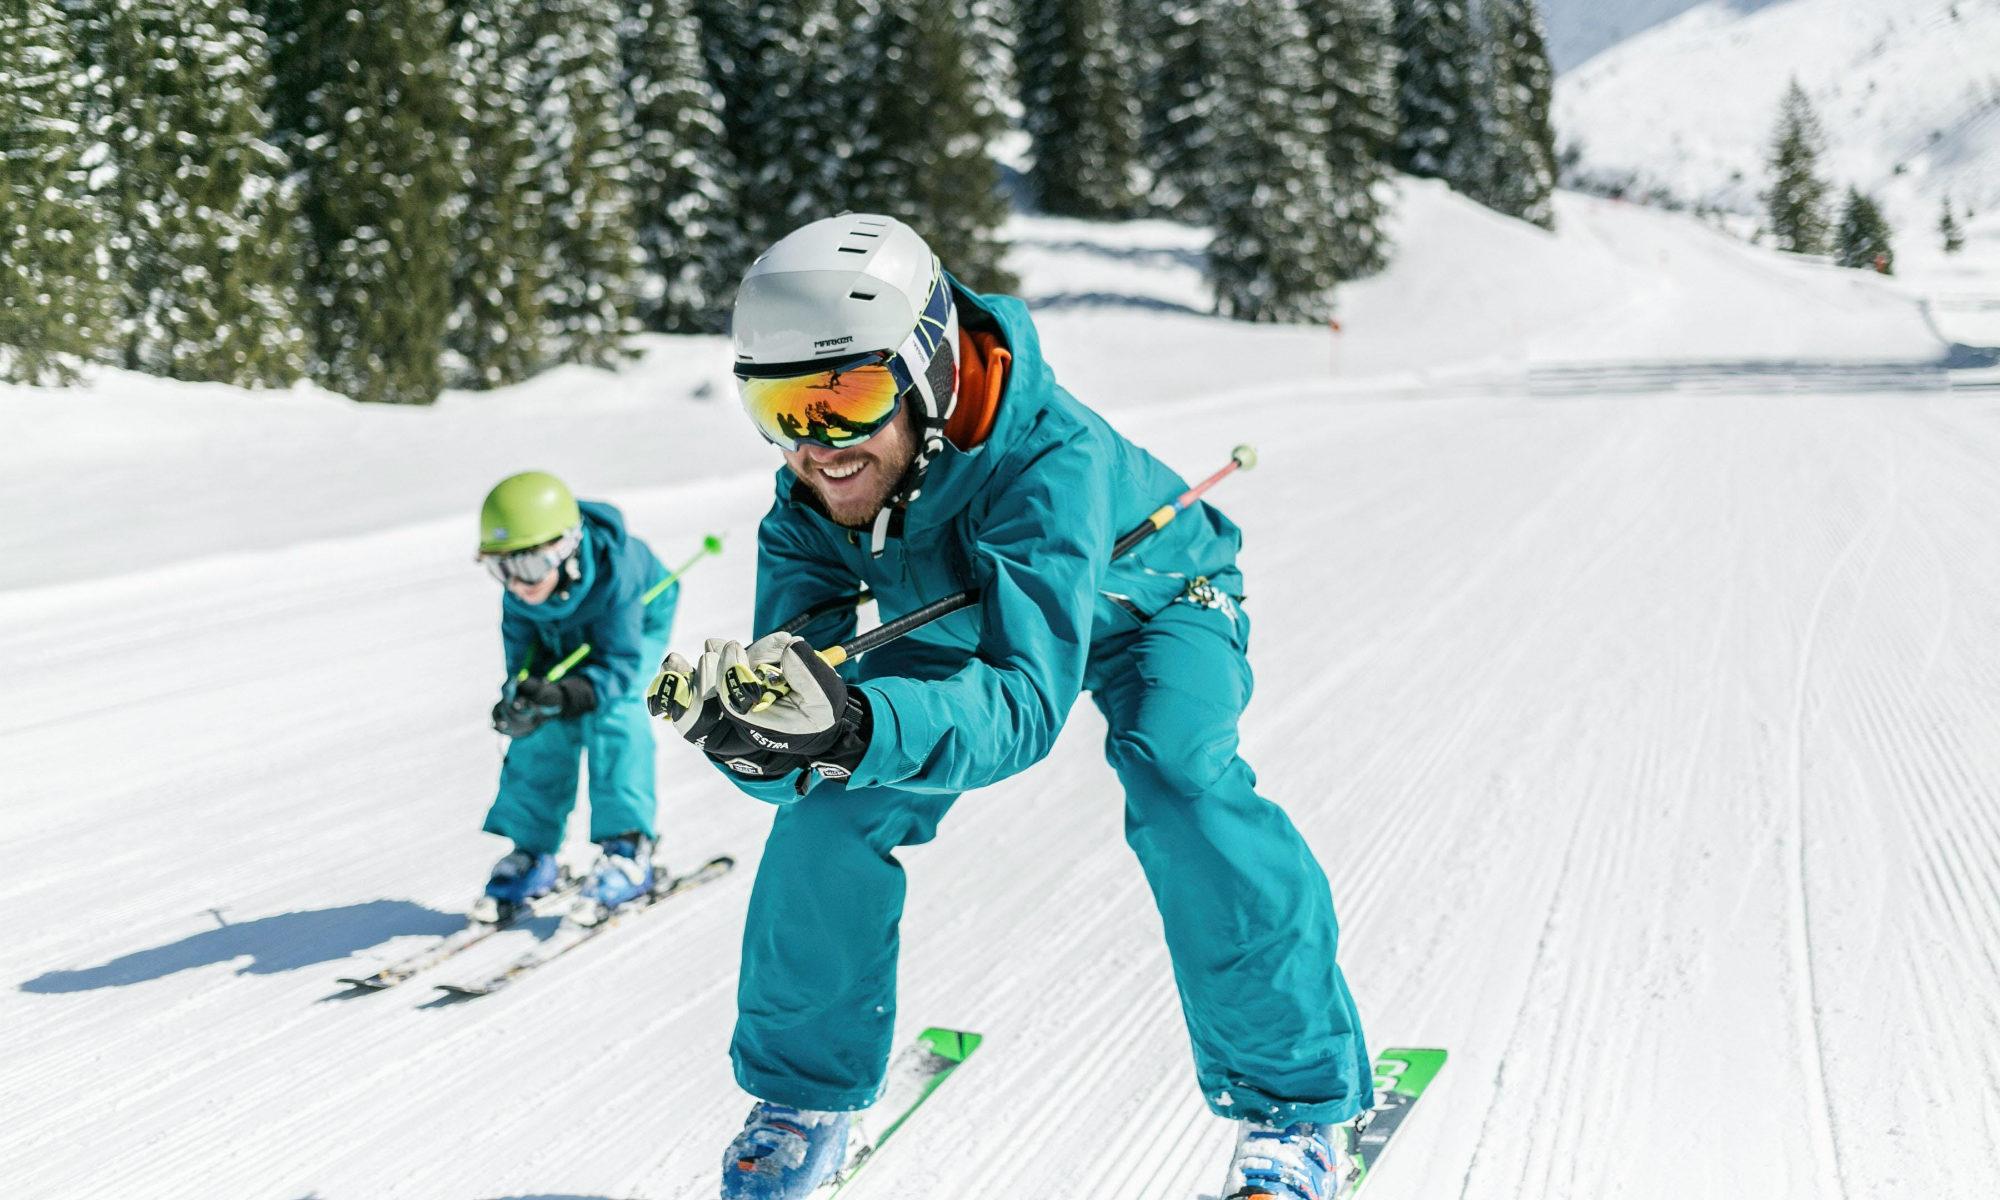 Een skileraar en zijn leerling maken een afdaling in het skigebied van Oberstdorf.